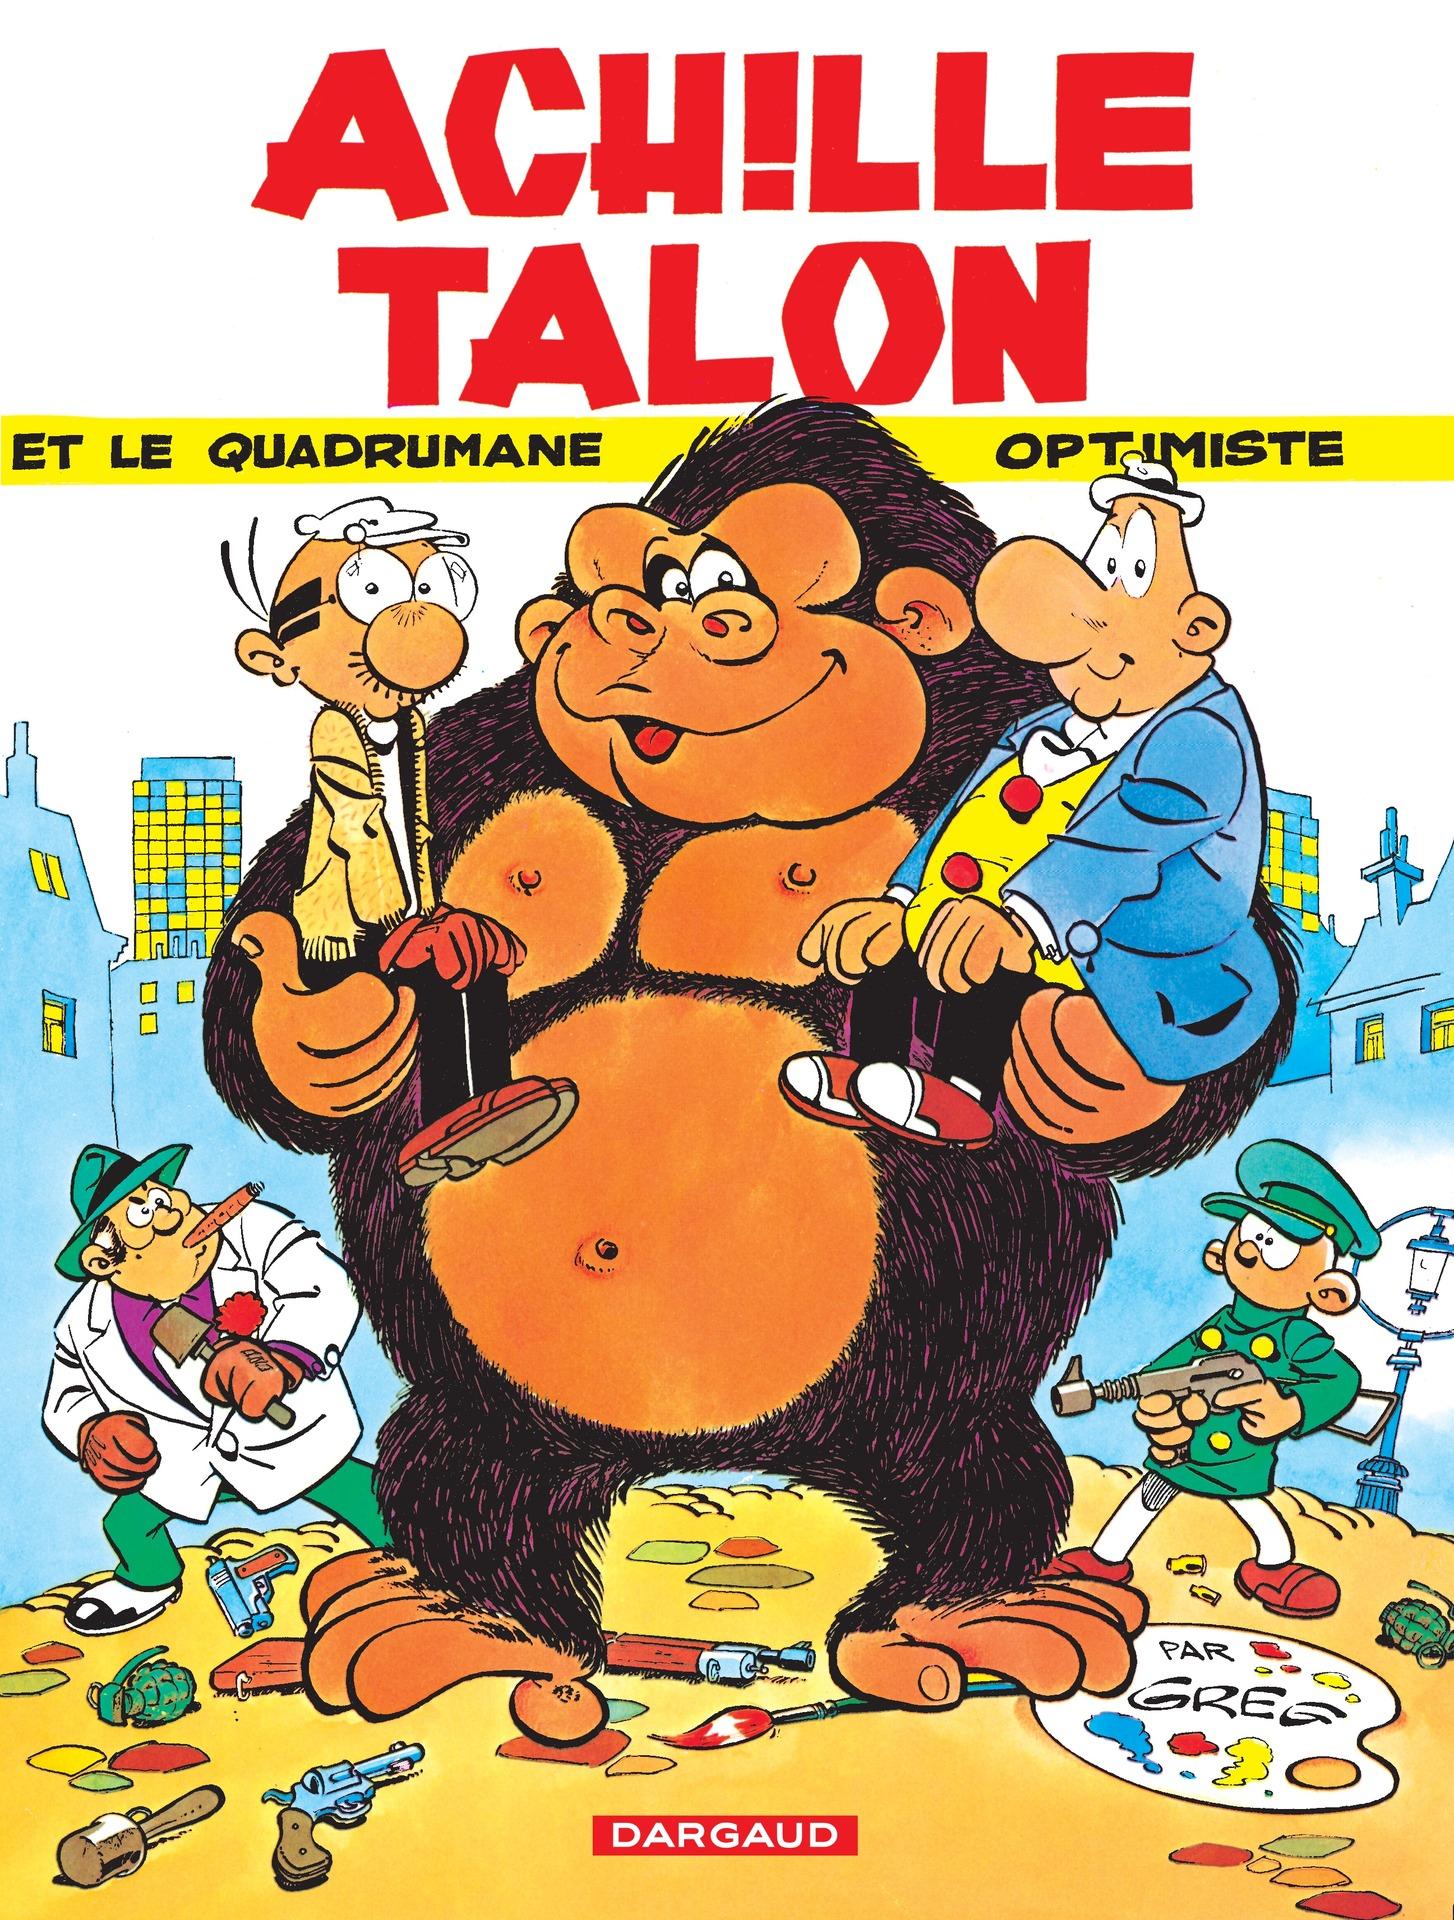 Achille Talon - Tome 15 - Achille Talon et le quadrumane optimiste